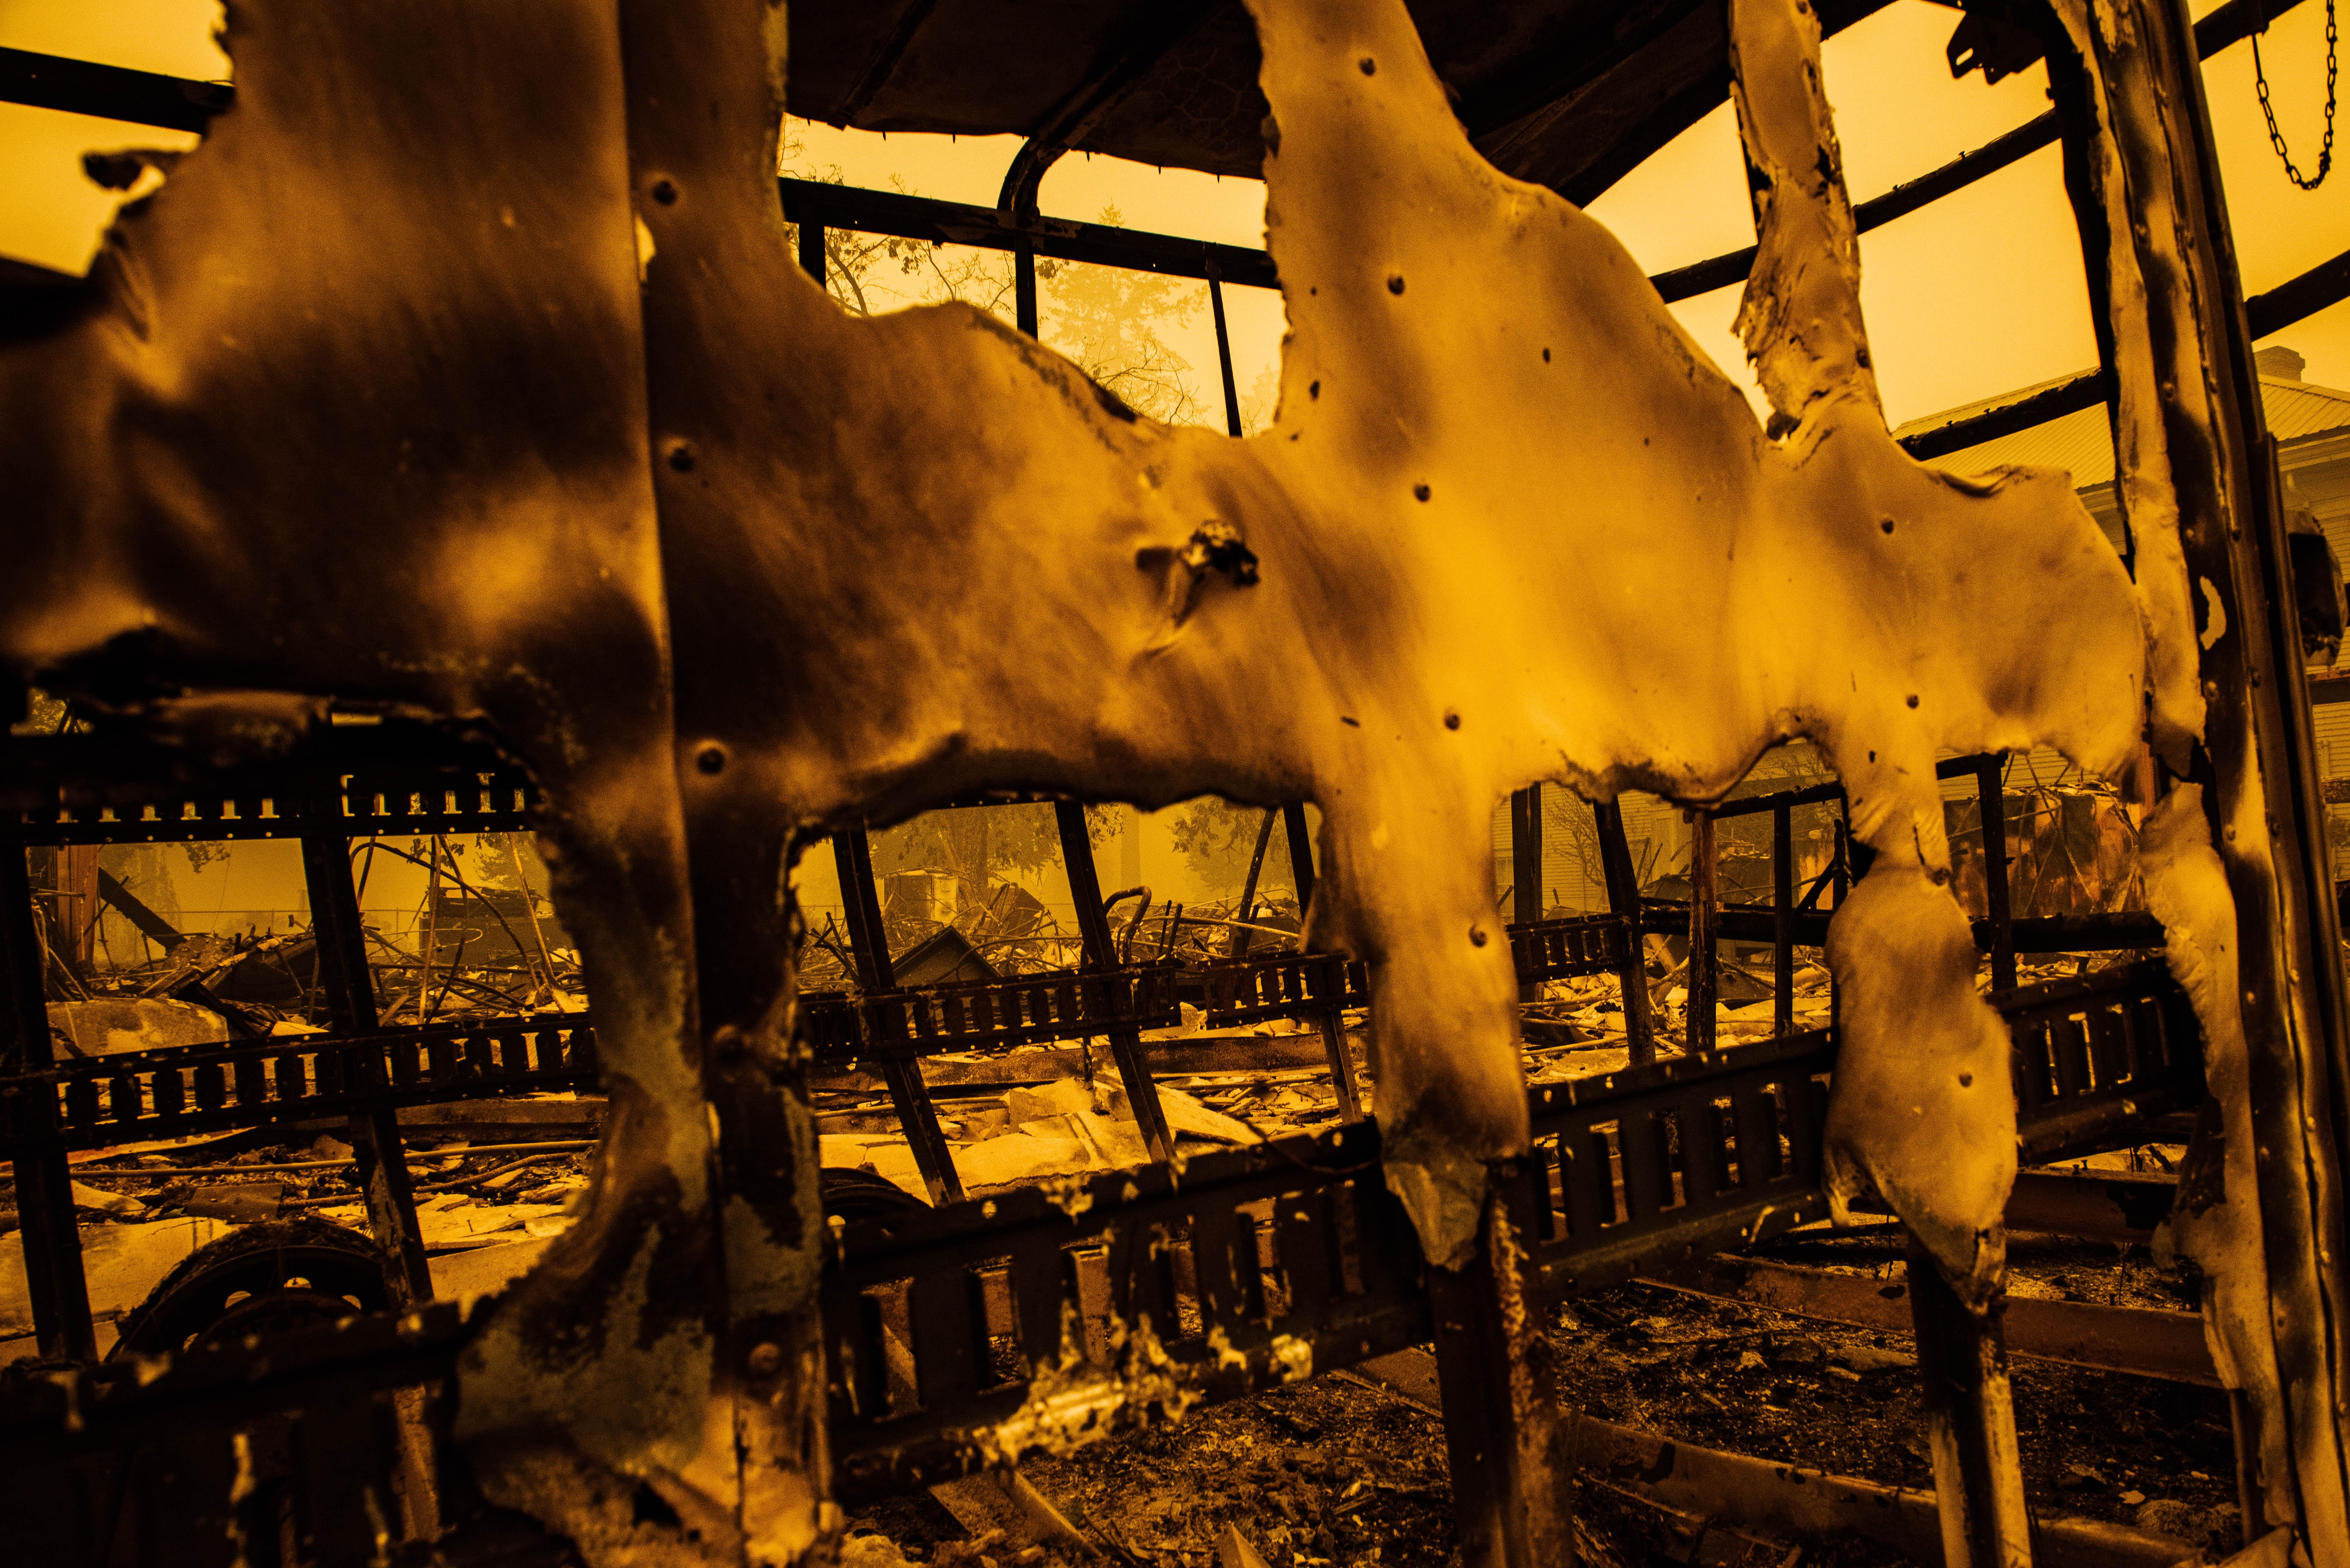 Több mint félmillió embernek kellett elmenekülnie otthonából az oregoni erdőtüzek elől